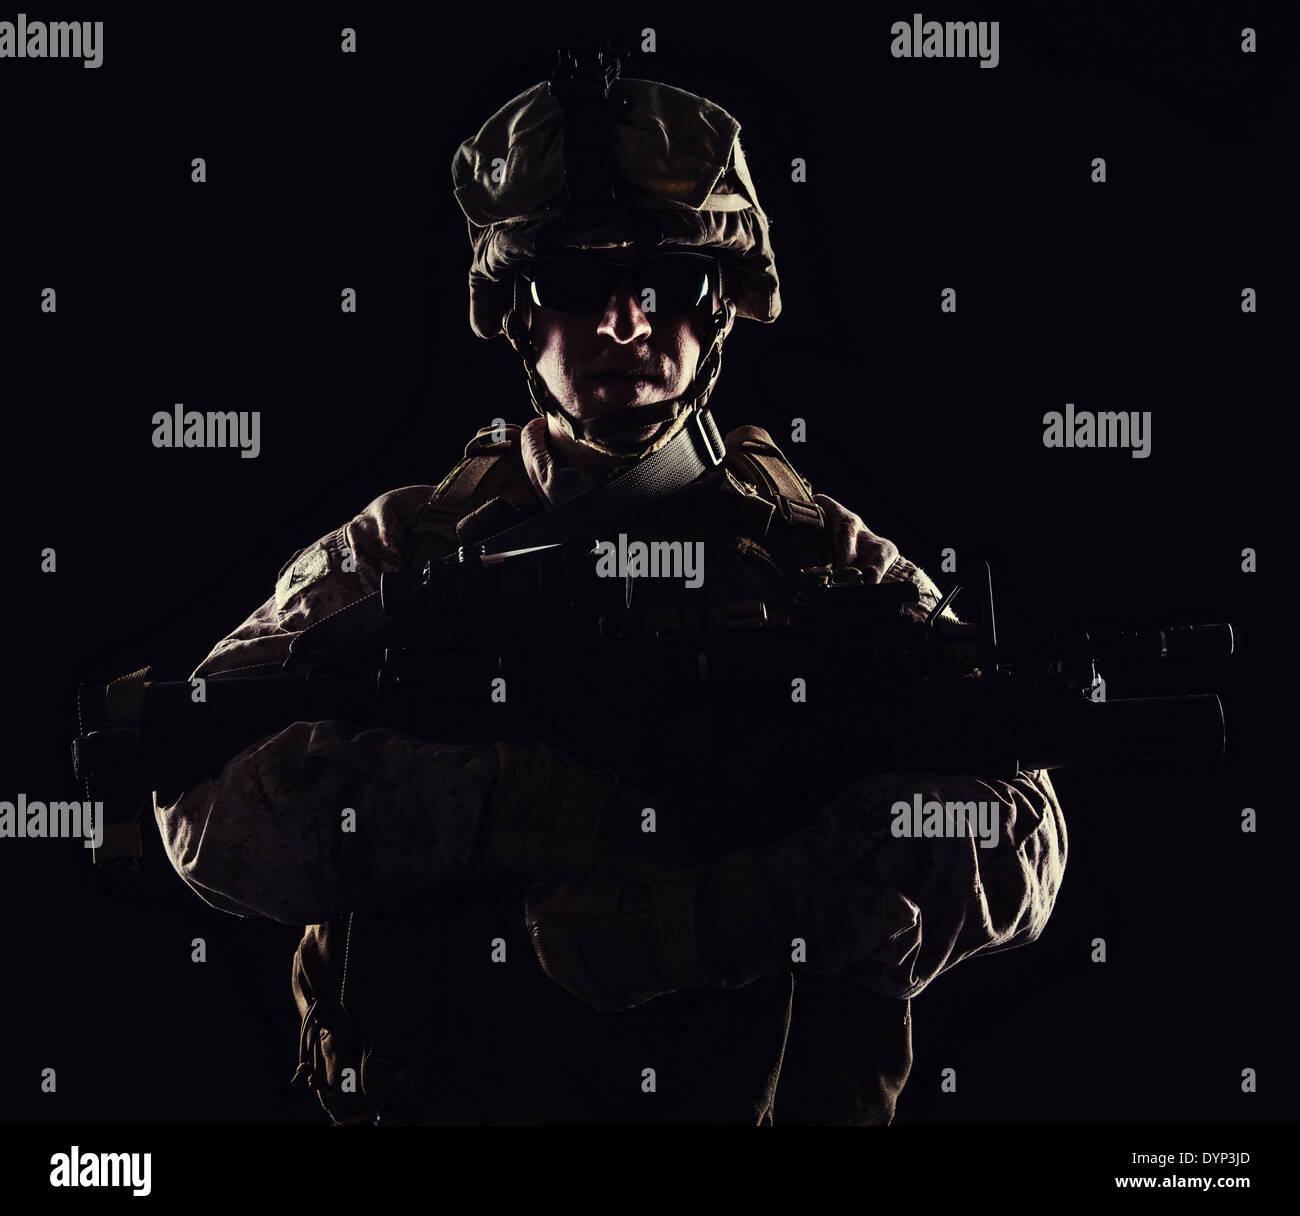 Contorno de marina de los EE.UU. Foto de estudio sobre fondo negro Imagen De Stock